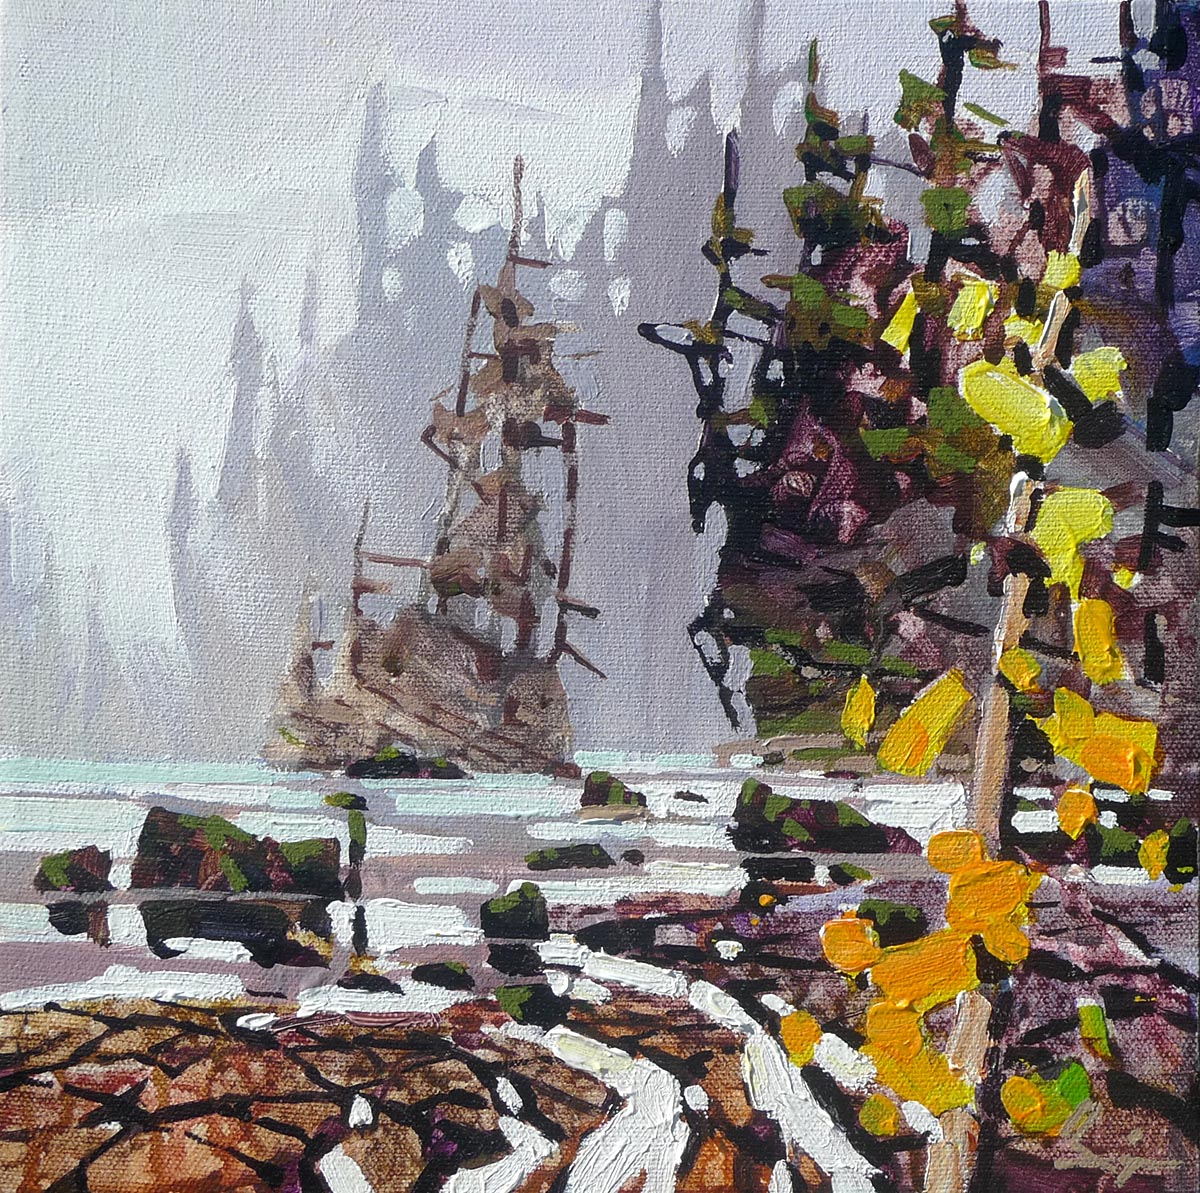 West Coast Rocky - Bi Yuan Cheng